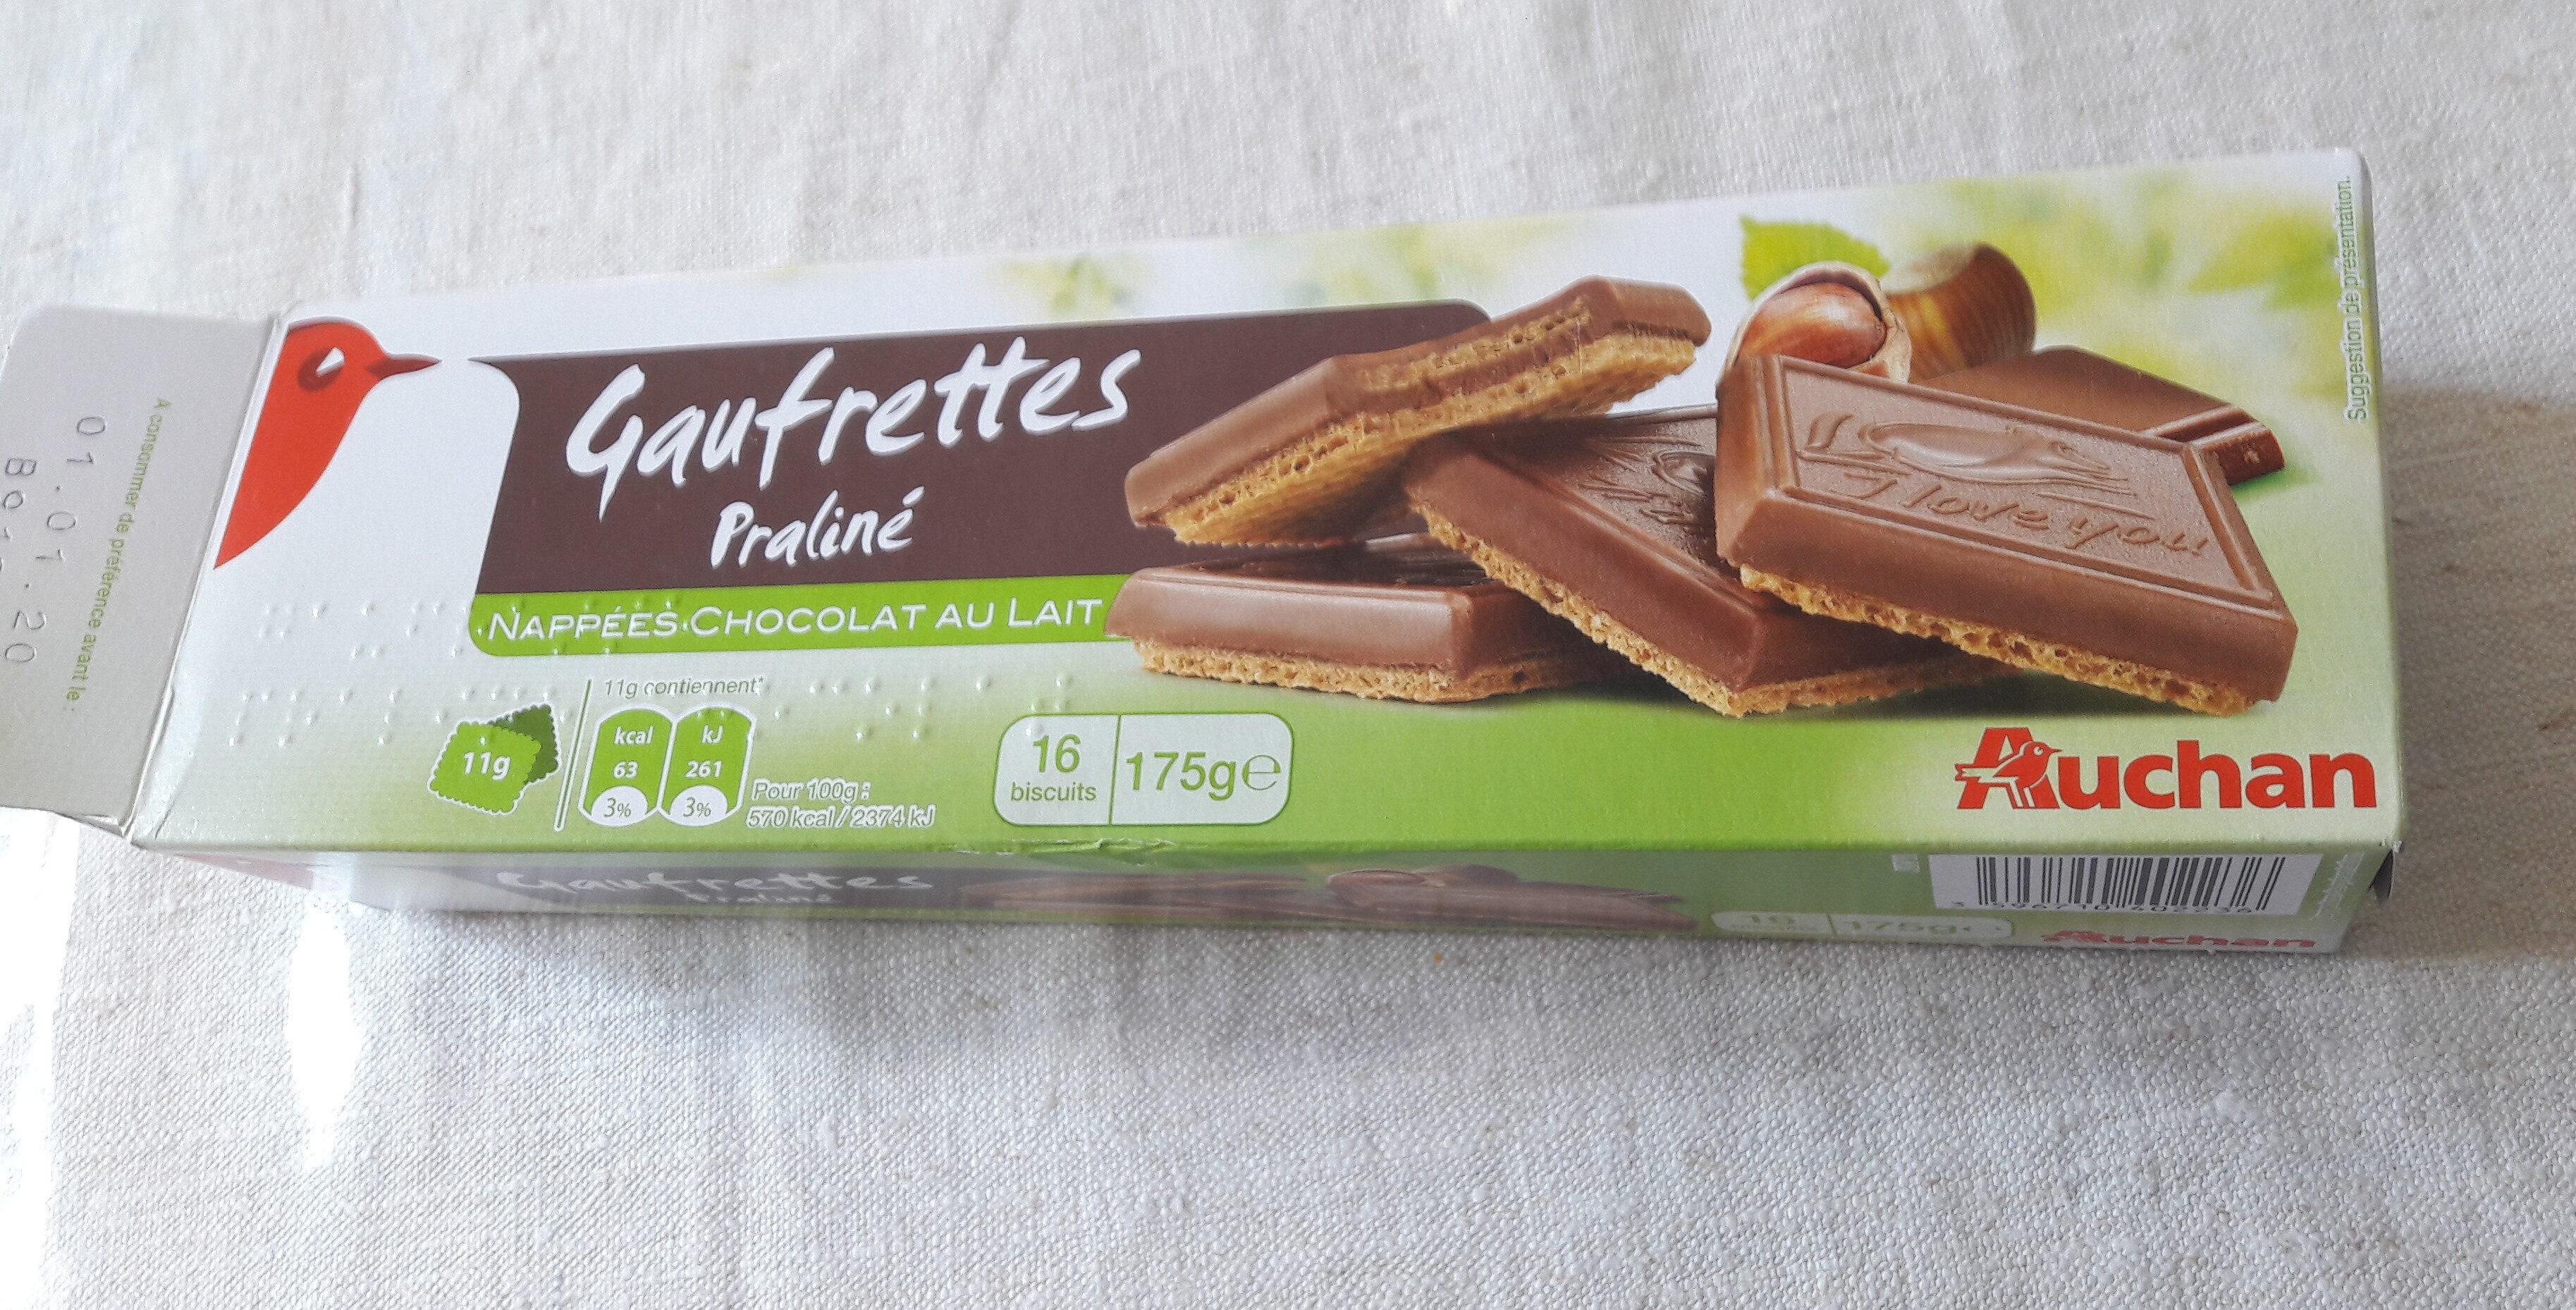 Gaufrettes praline au chocolat au lait - Product